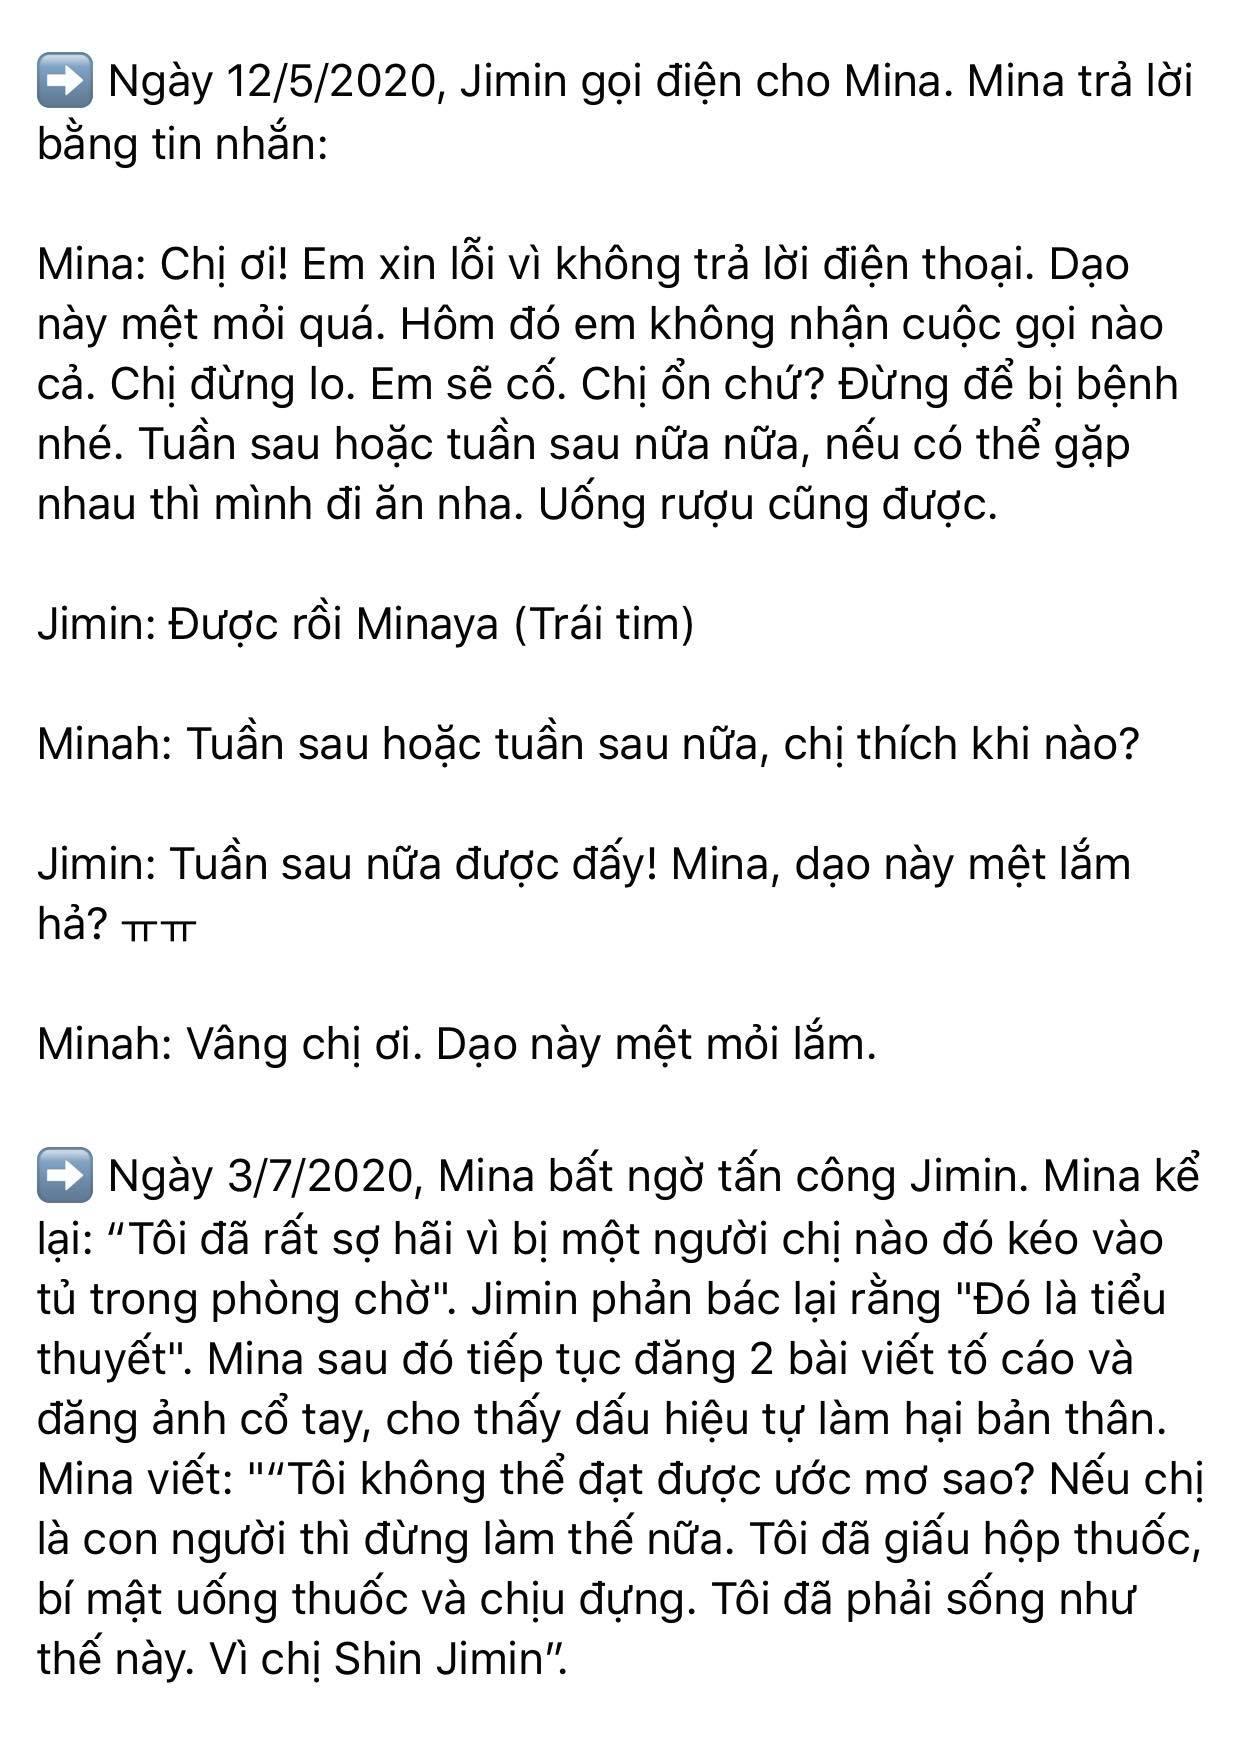 Dispatch khui toàn bộ hội thoại trong buổi gặp mặt AOA: Mina trở thành kẻ cố chấp thích đóng vai nạn nhân 2